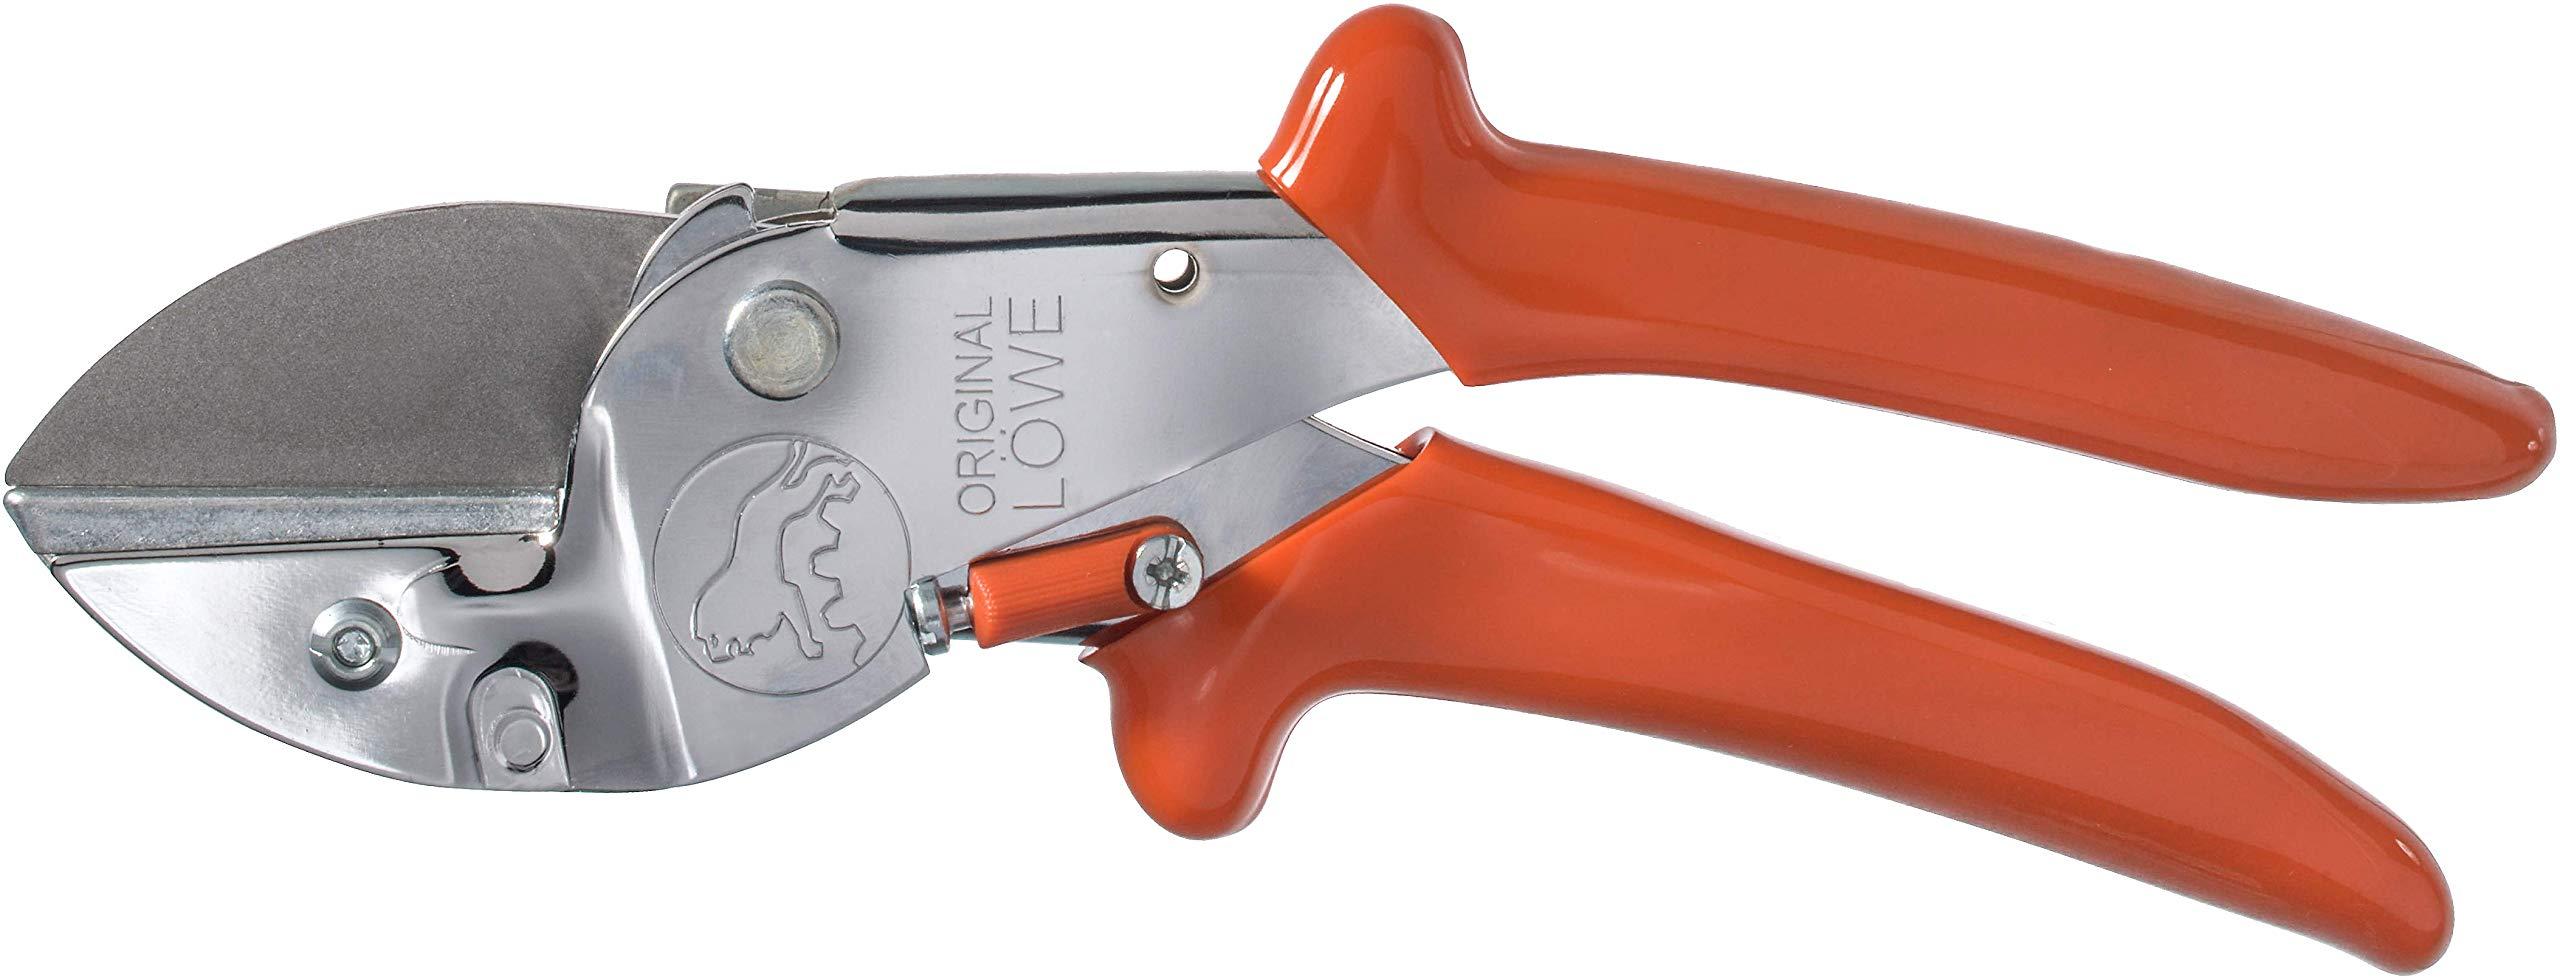 Original-LWE-Profi-Amboss-Gartenschere-1107-mit-ergonomischer-Griffform-robuste-und-scharfe-Schere-aus-rostfreiem-Stahl-eignet-sich-ideal-fr-Holzarten-wie-Eiche-Buche-Esche